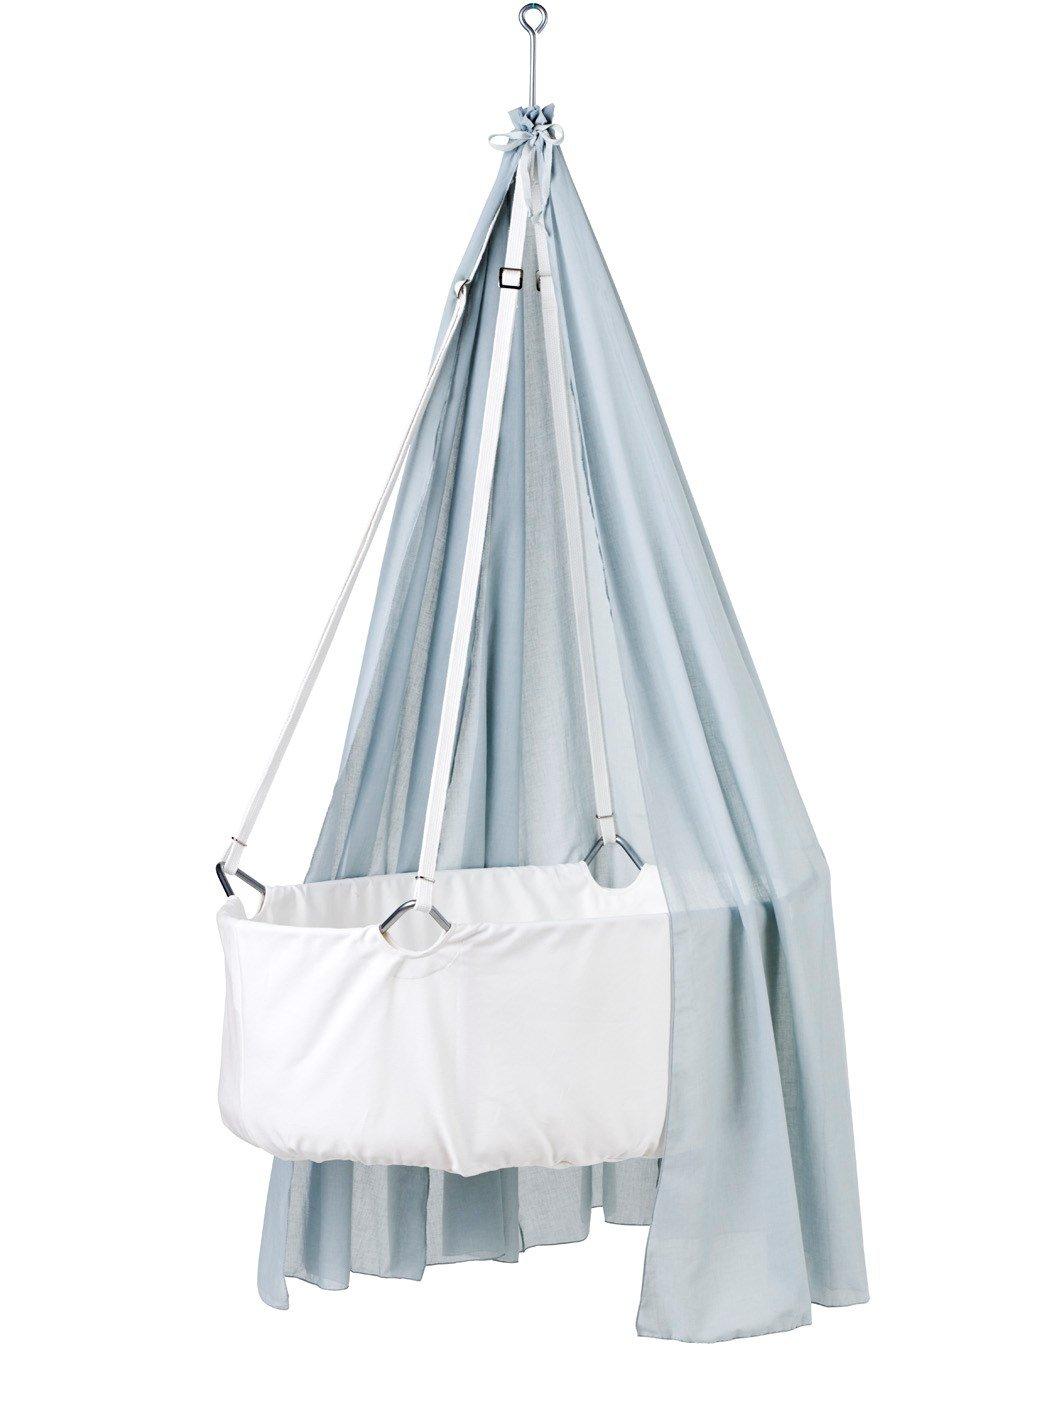 Leander Wiege - Babywiege weiß inkl. Matratze und Deckenhaken - mit Himmel (Schleier) misty blue